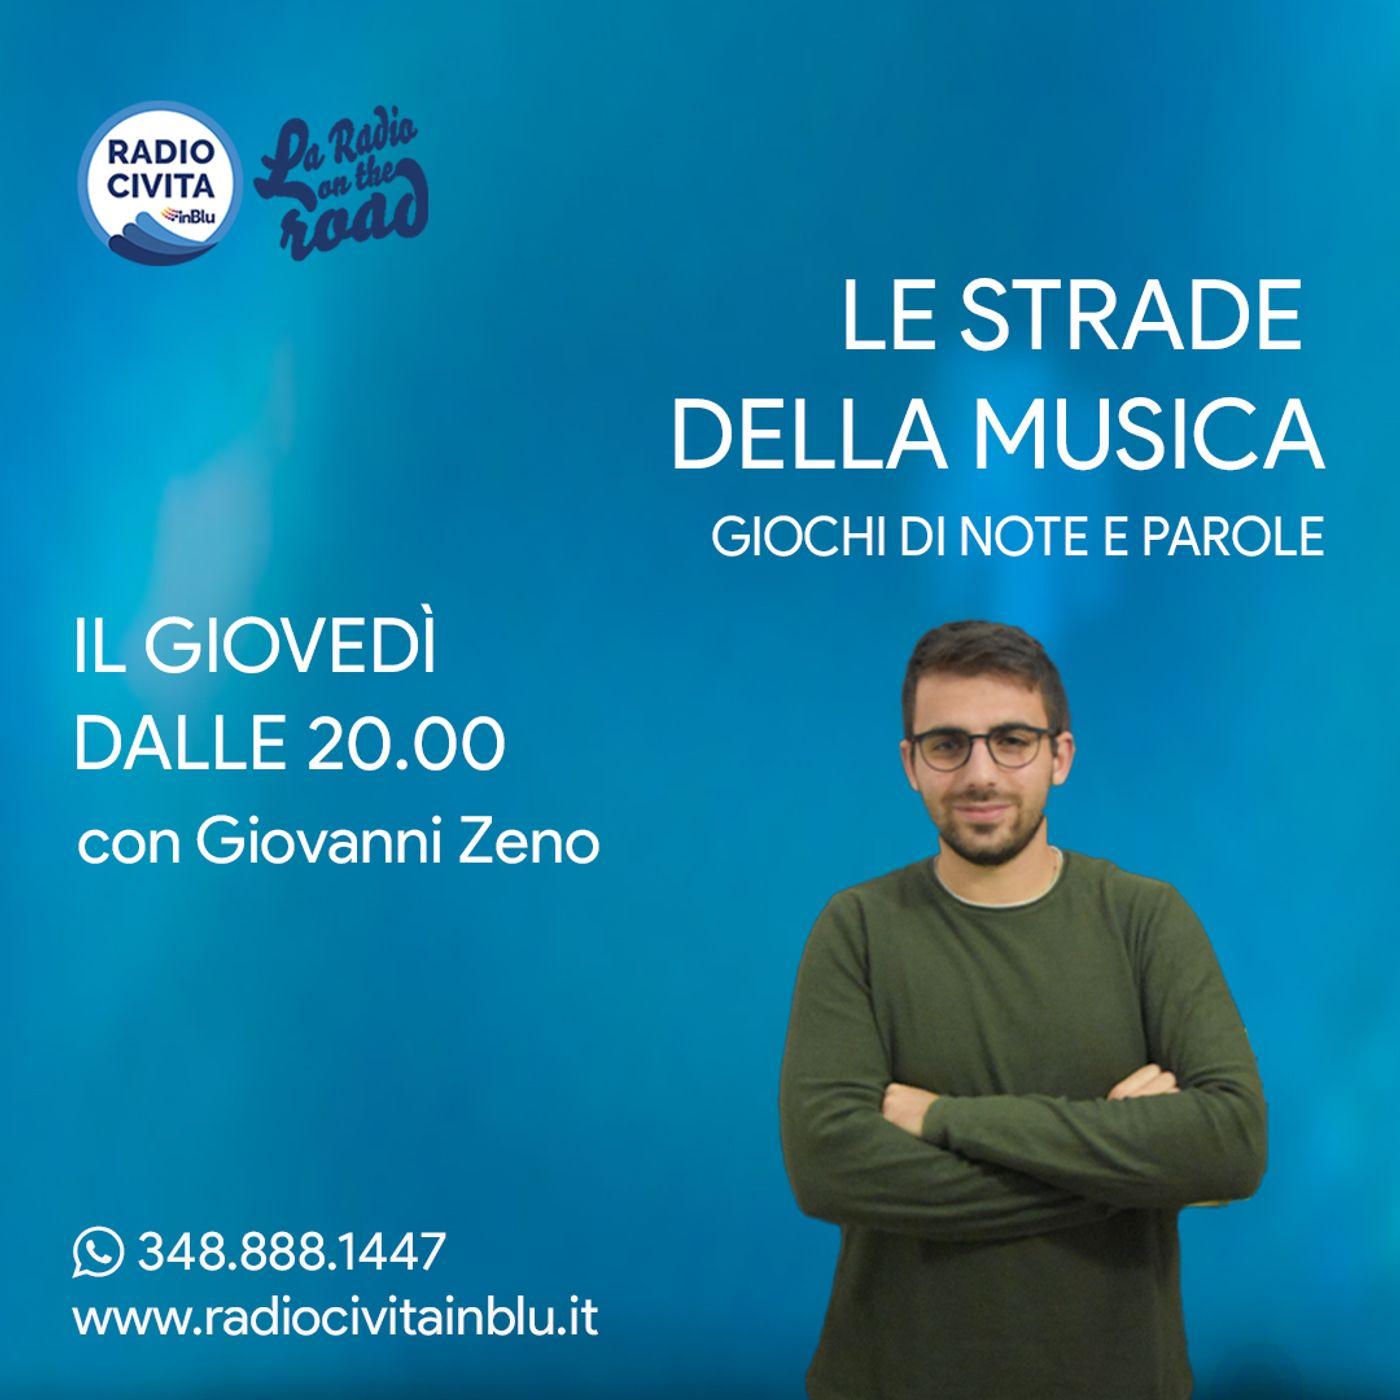 Promo Le Strade della Musica 2020